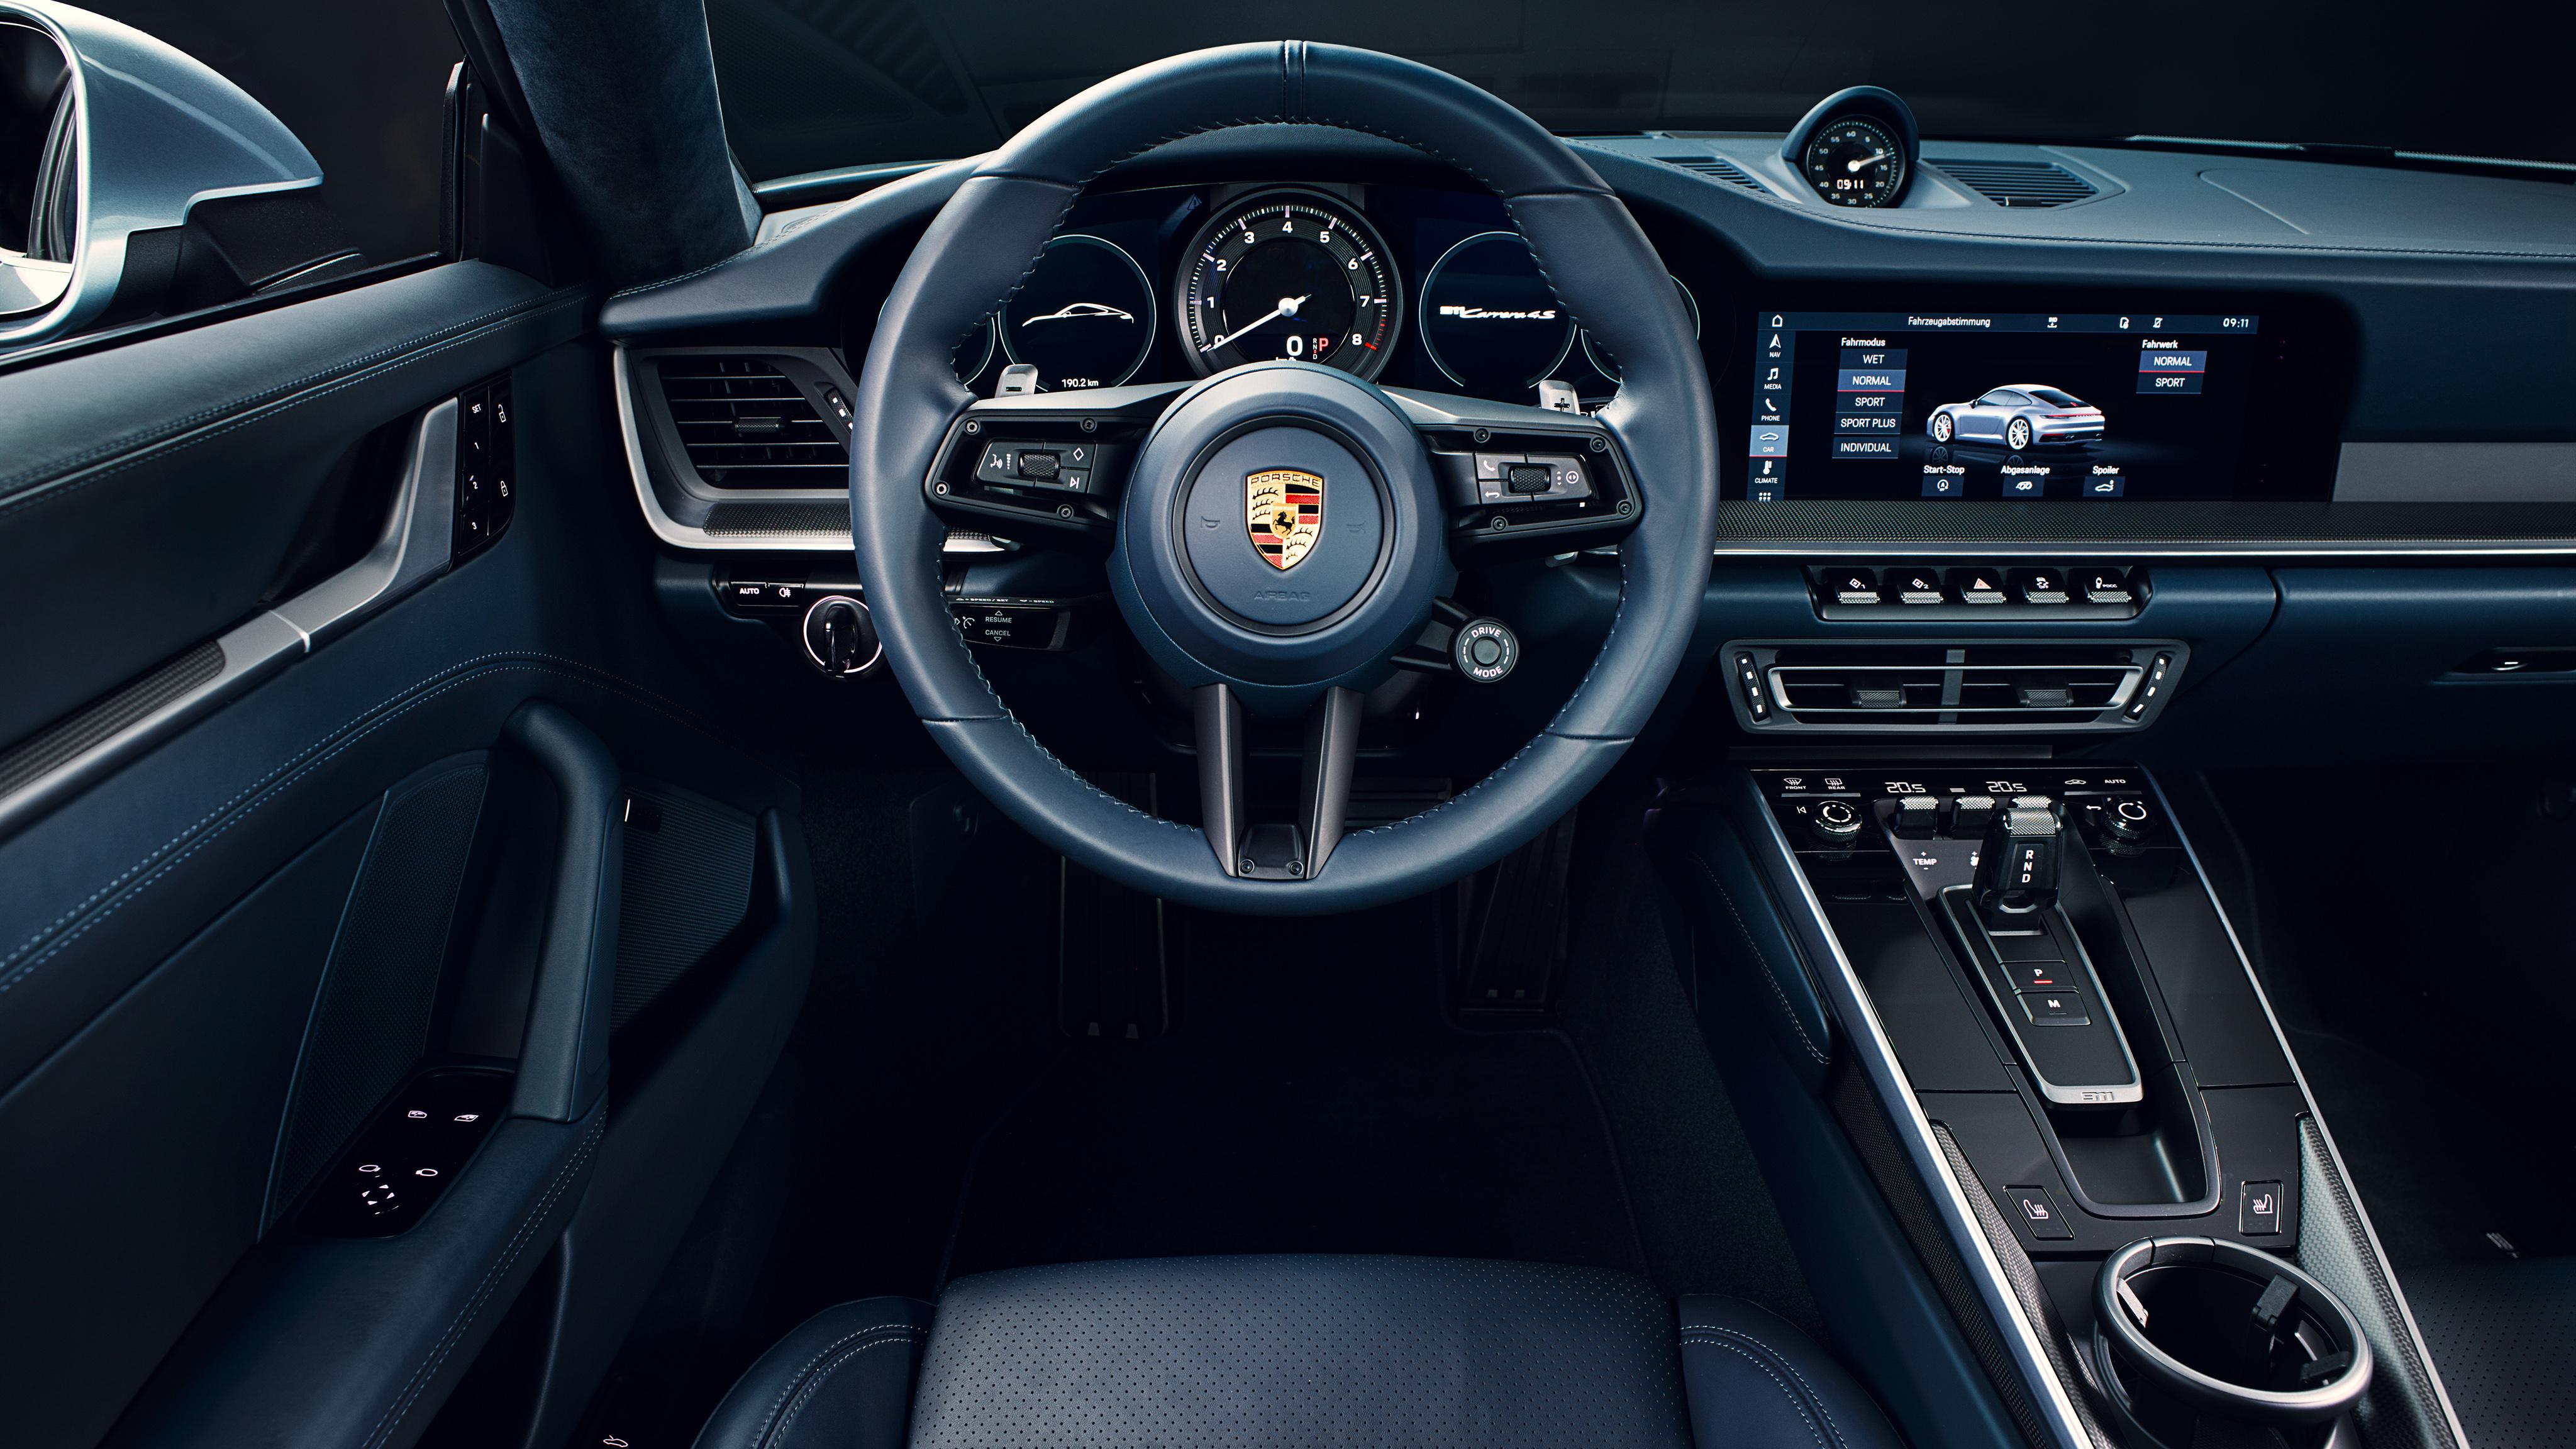 911 Targa 4S >> Porsche 911 Carrera 4S 2019 4K Interior Wallpaper | HD Car Wallpapers | ID #11615